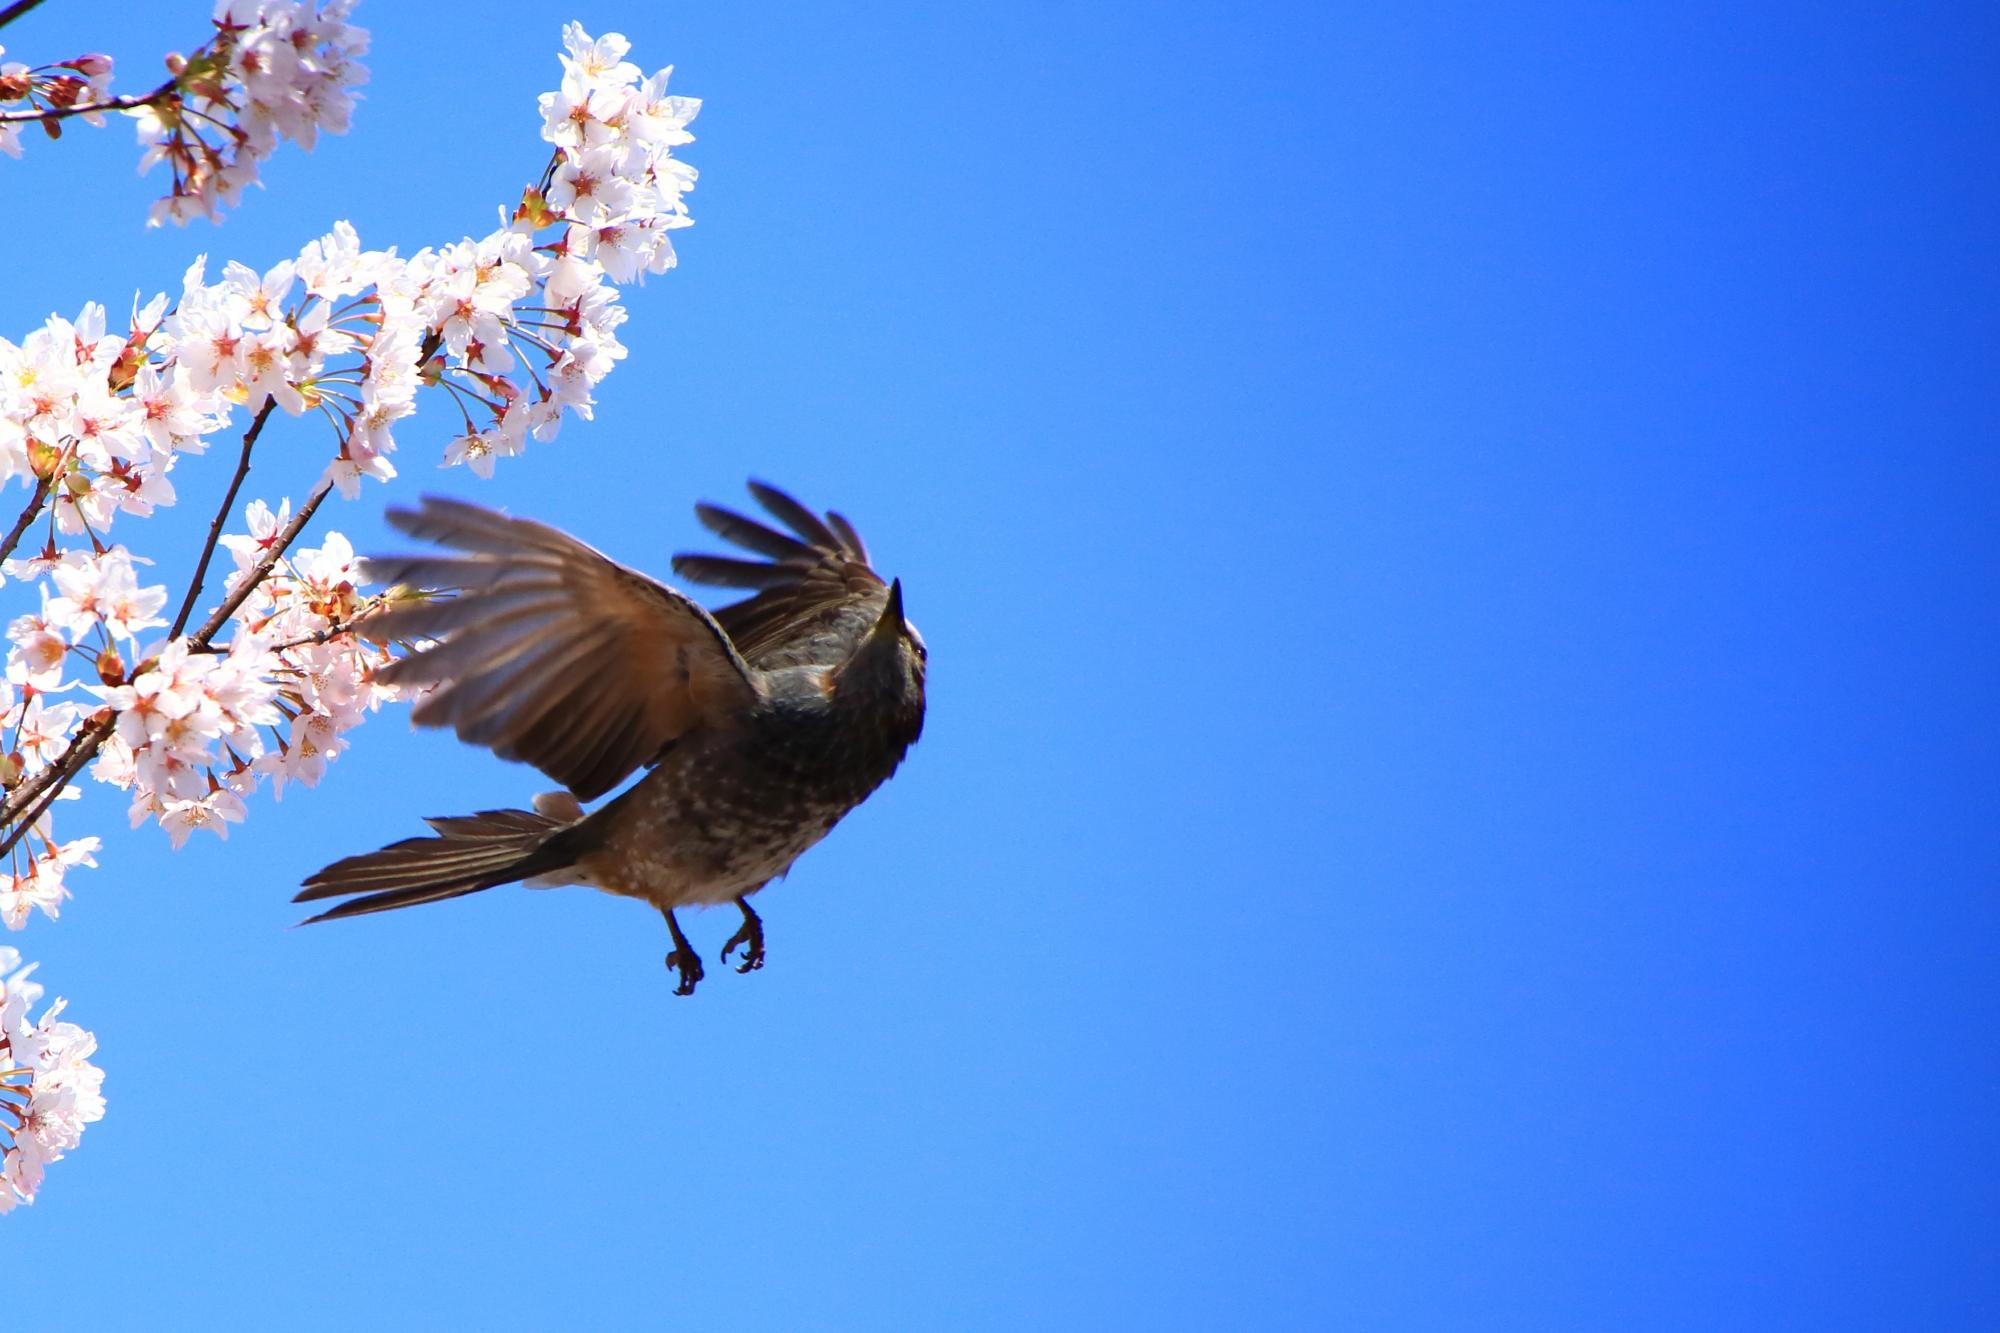 飛び立つヒヨドリさん